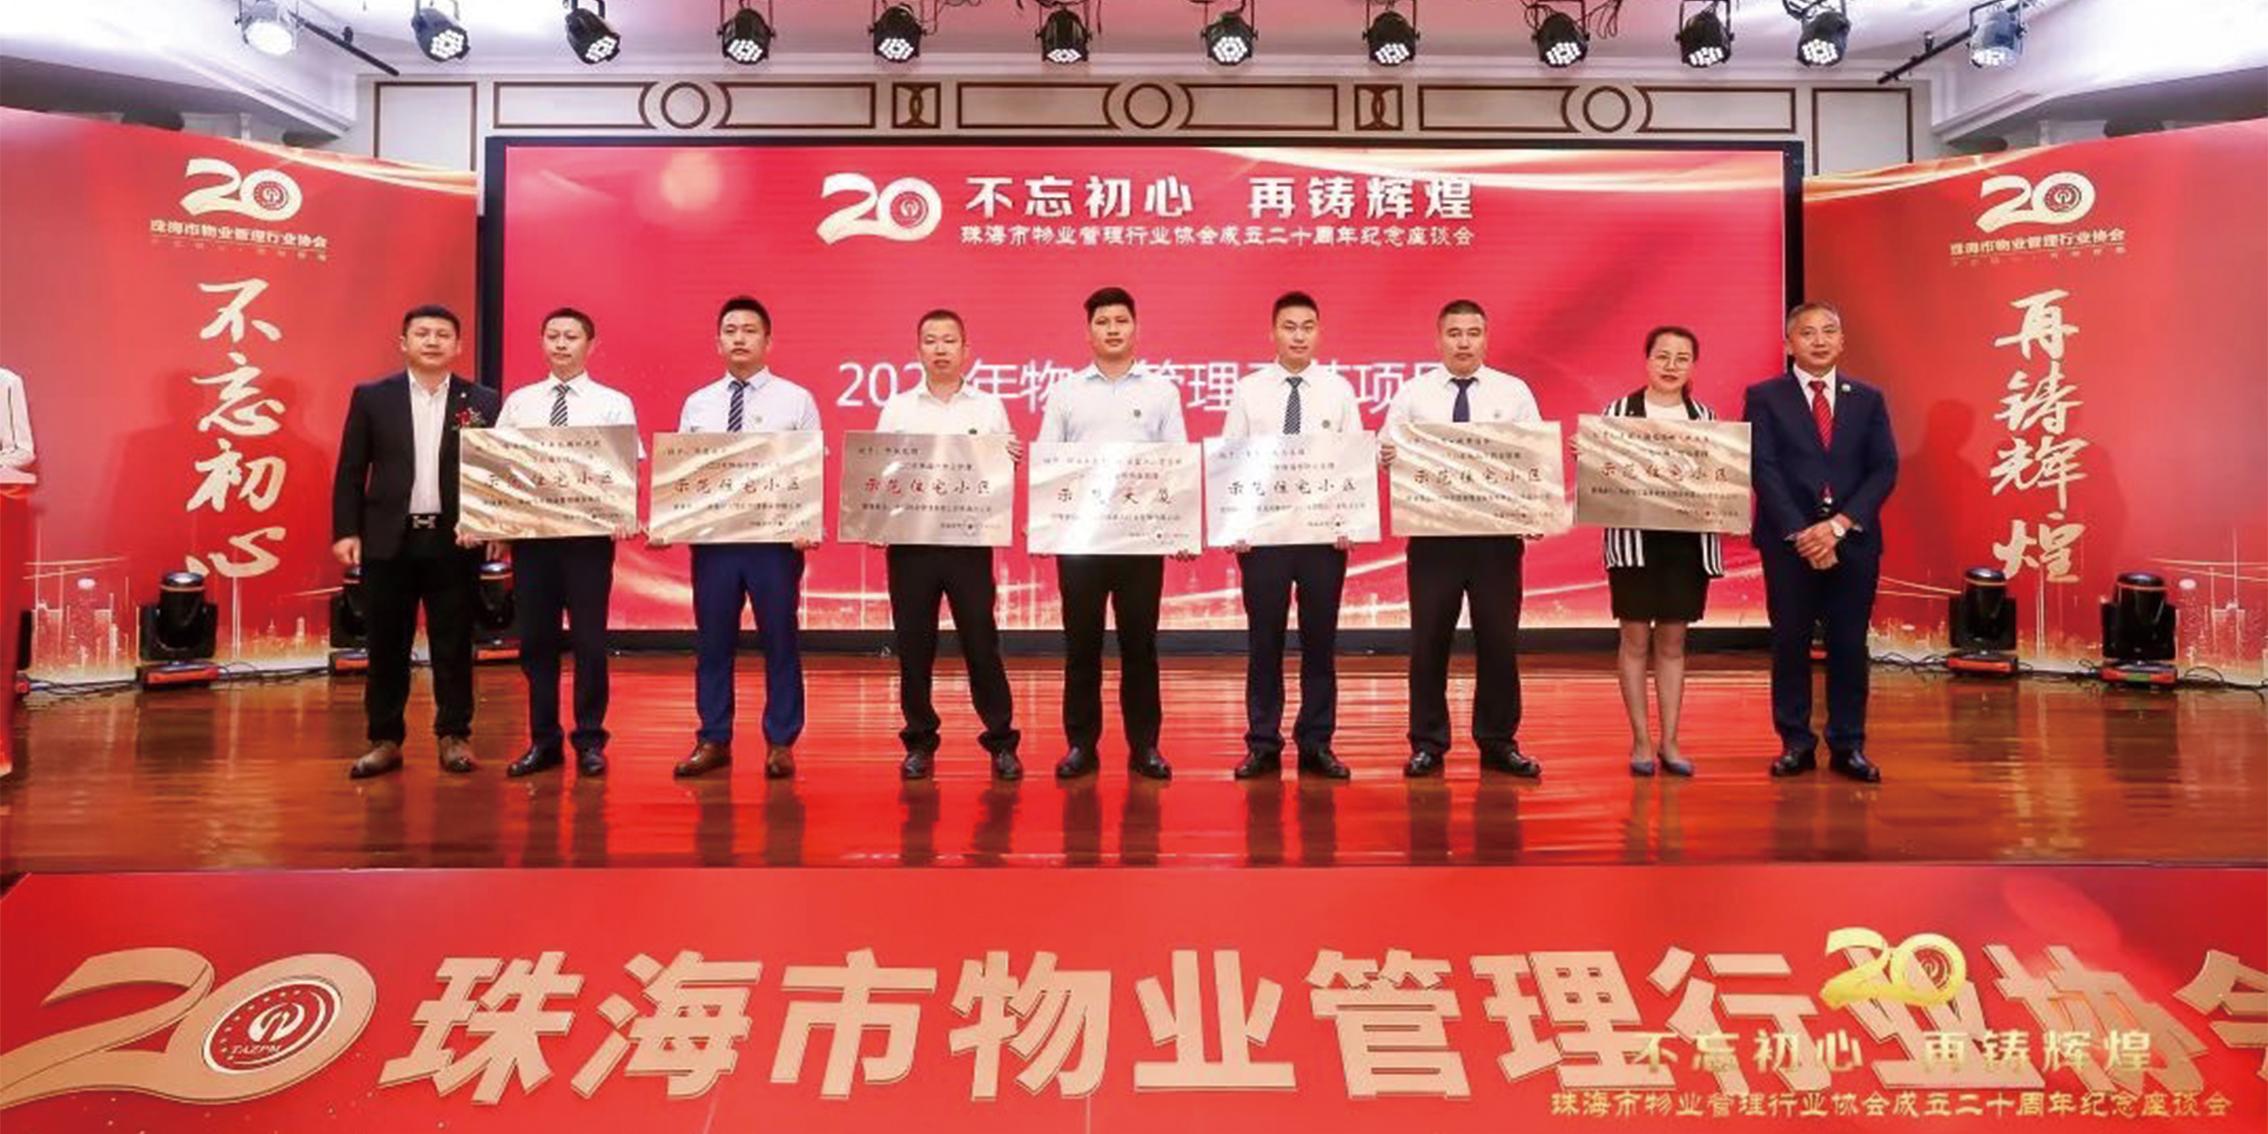 """恒荣•城市溪谷荣获""""2020 年珠海市物业管理示范住宅小区""""称号"""